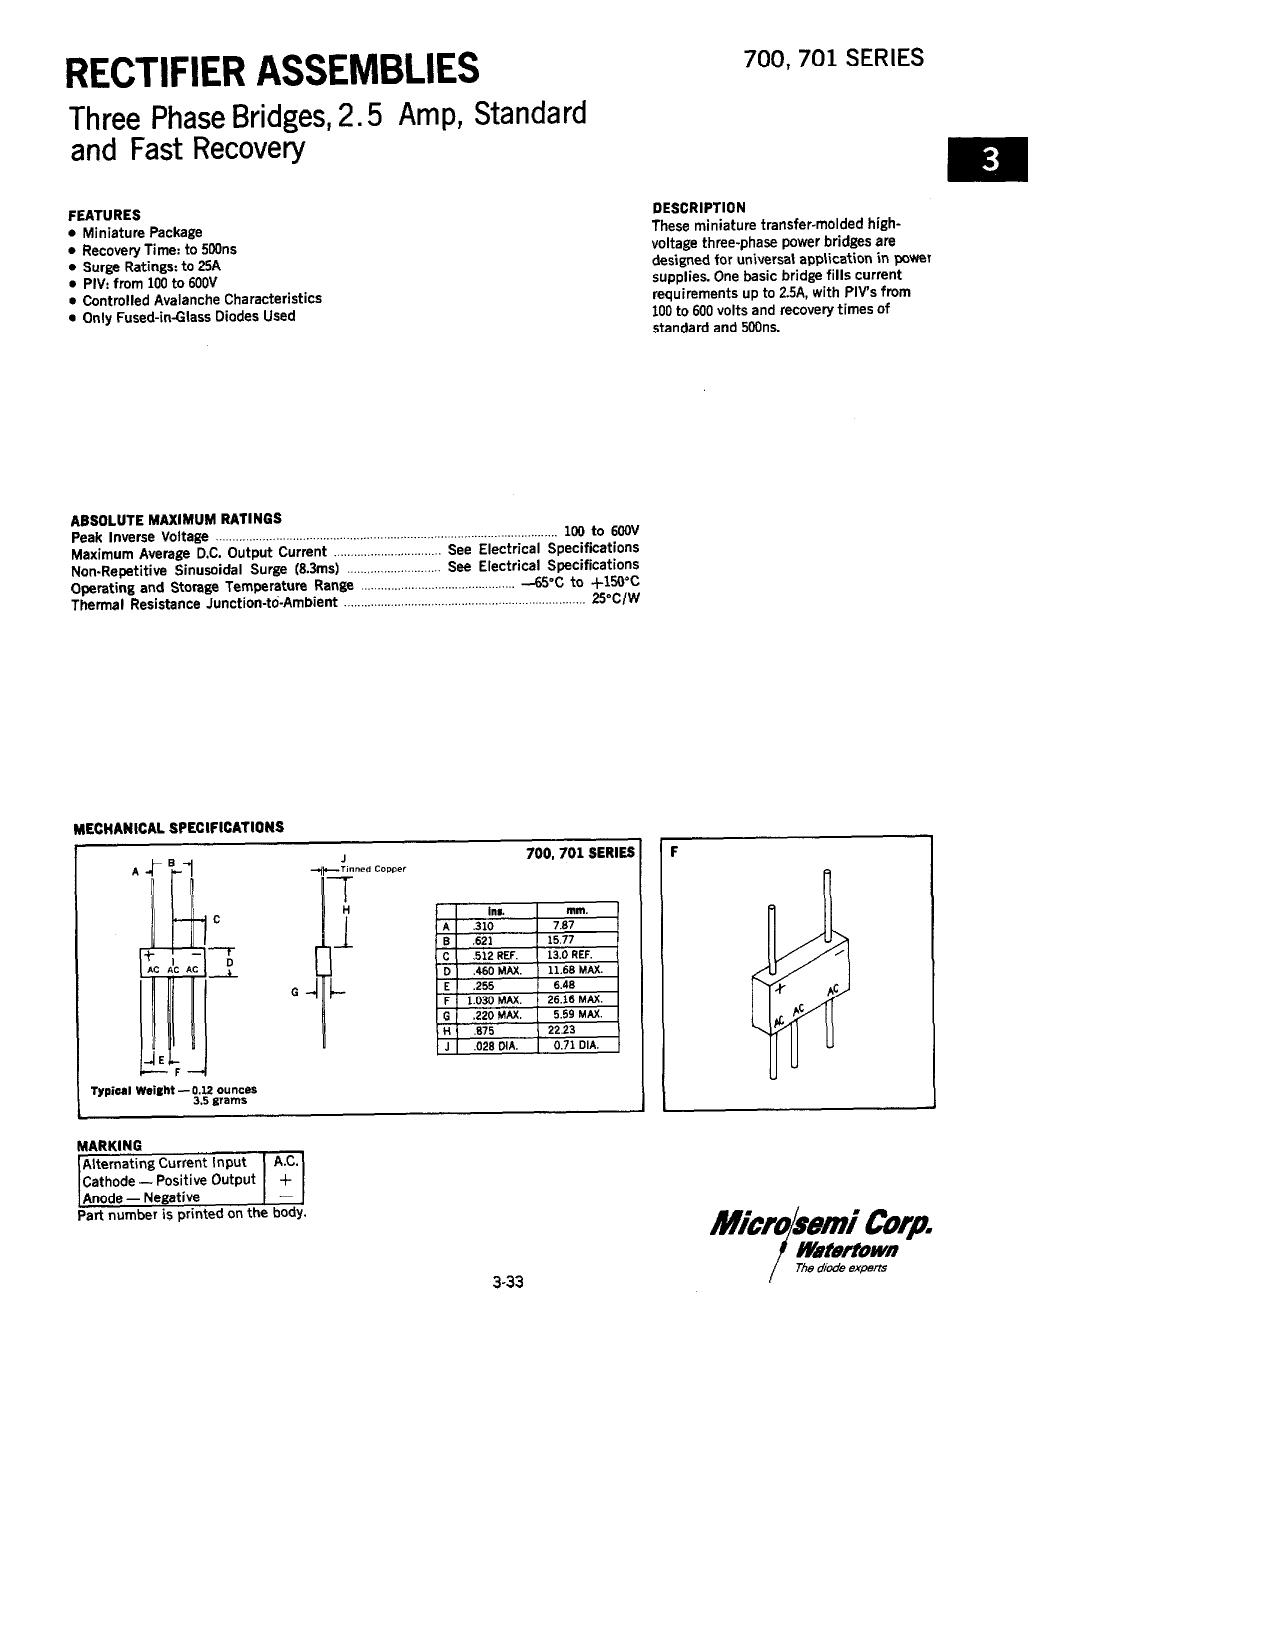 700-4 datasheet